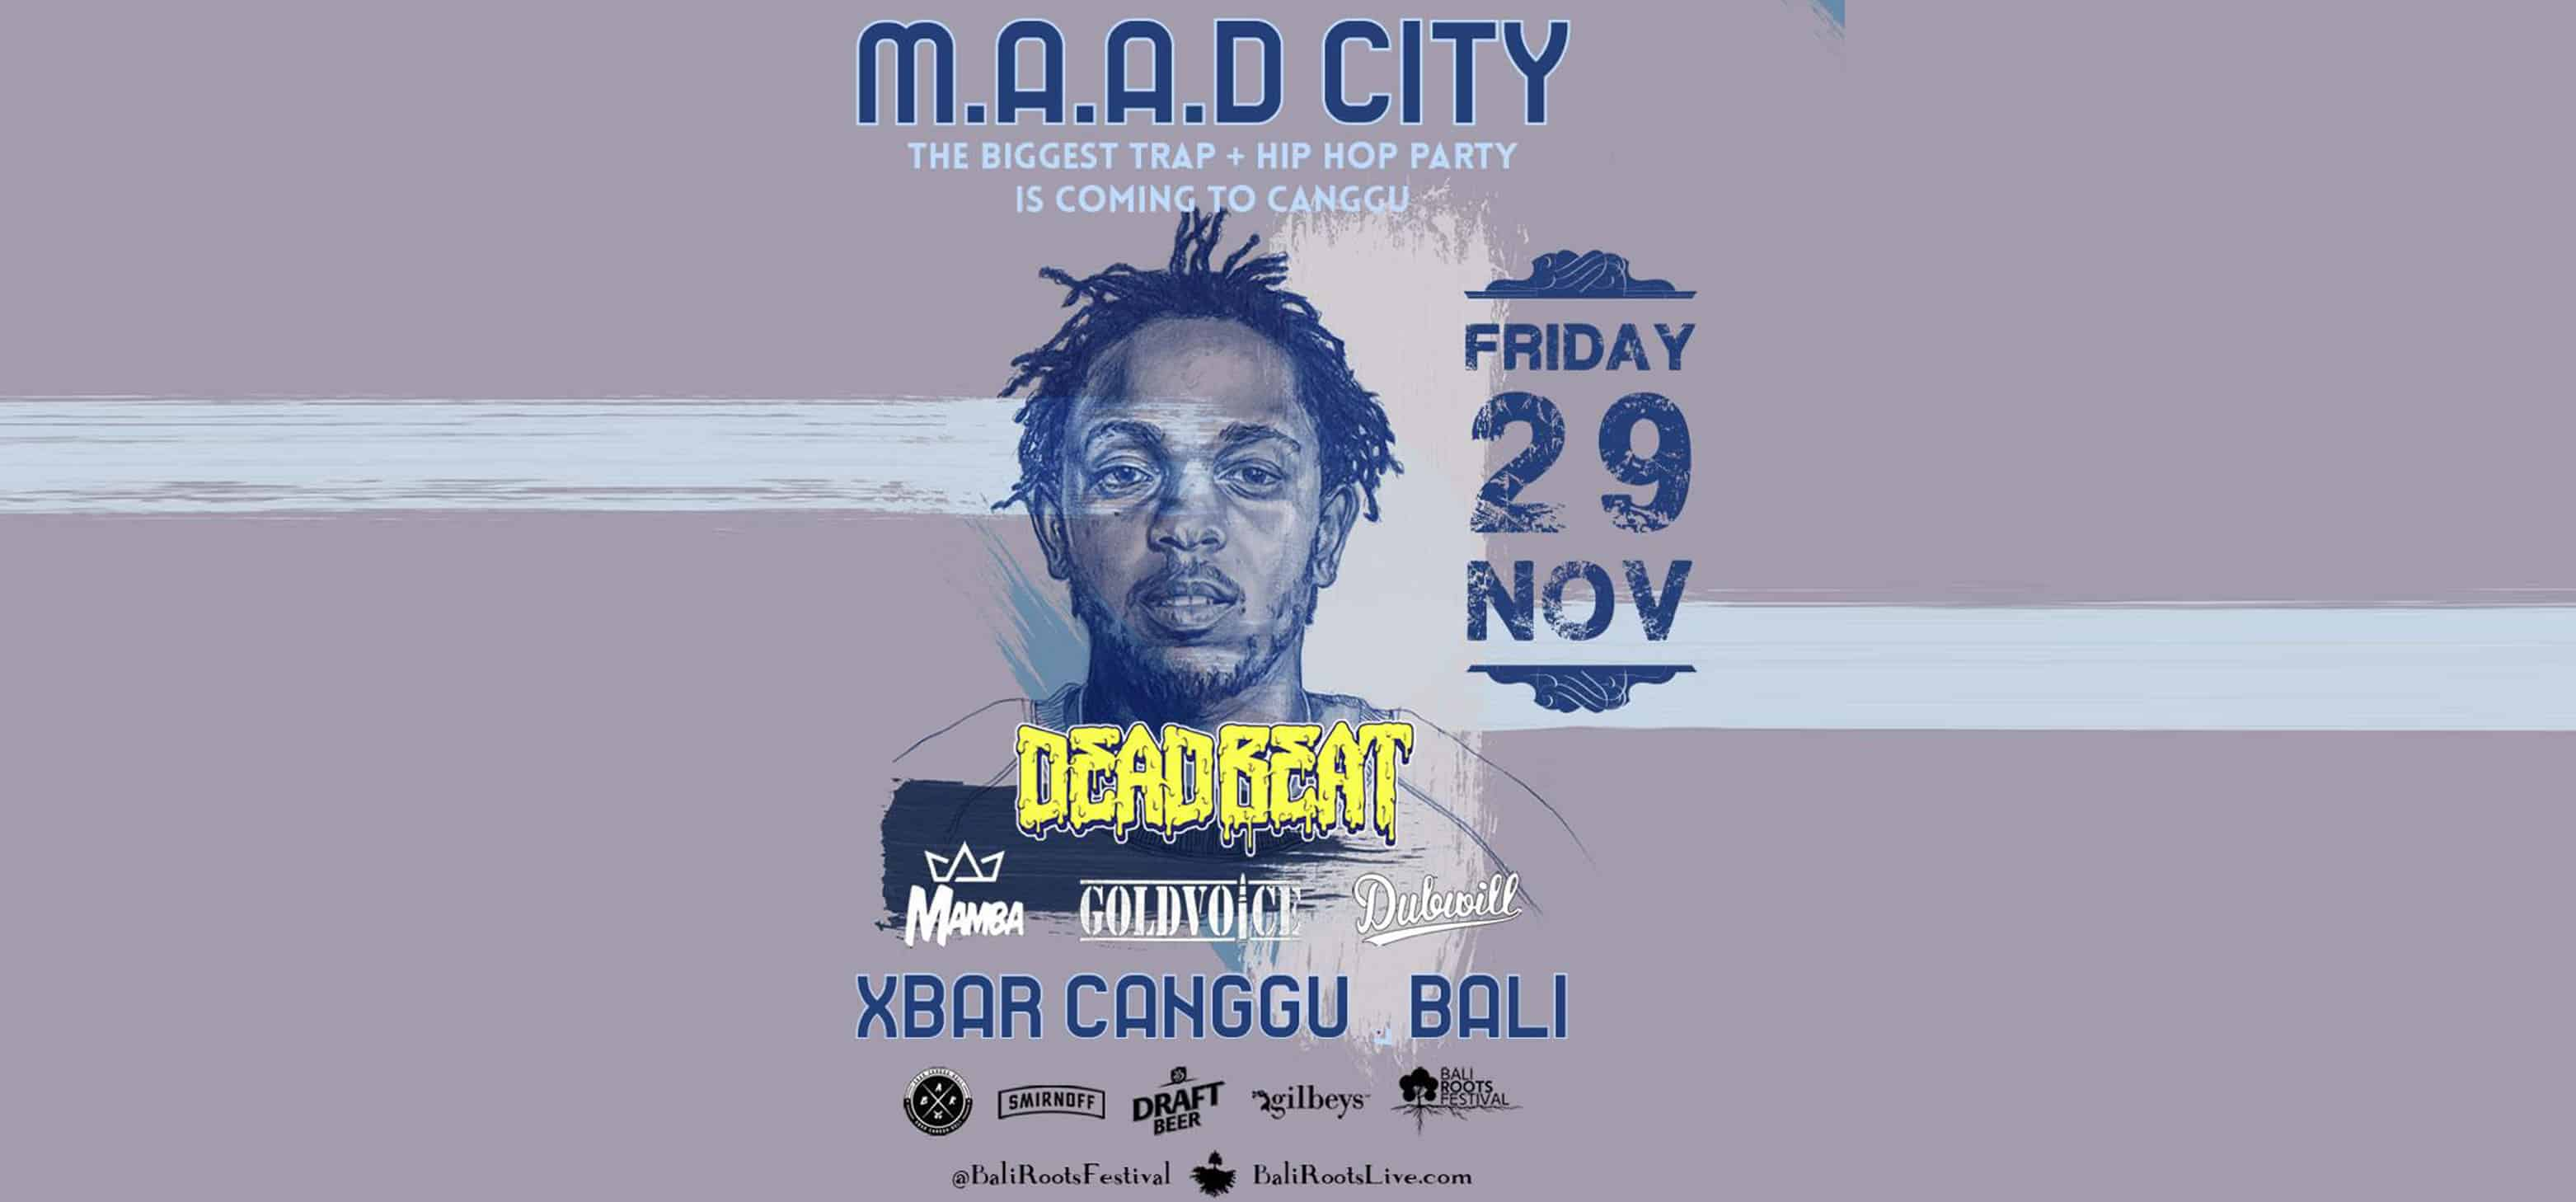 M.A.A.D CITY